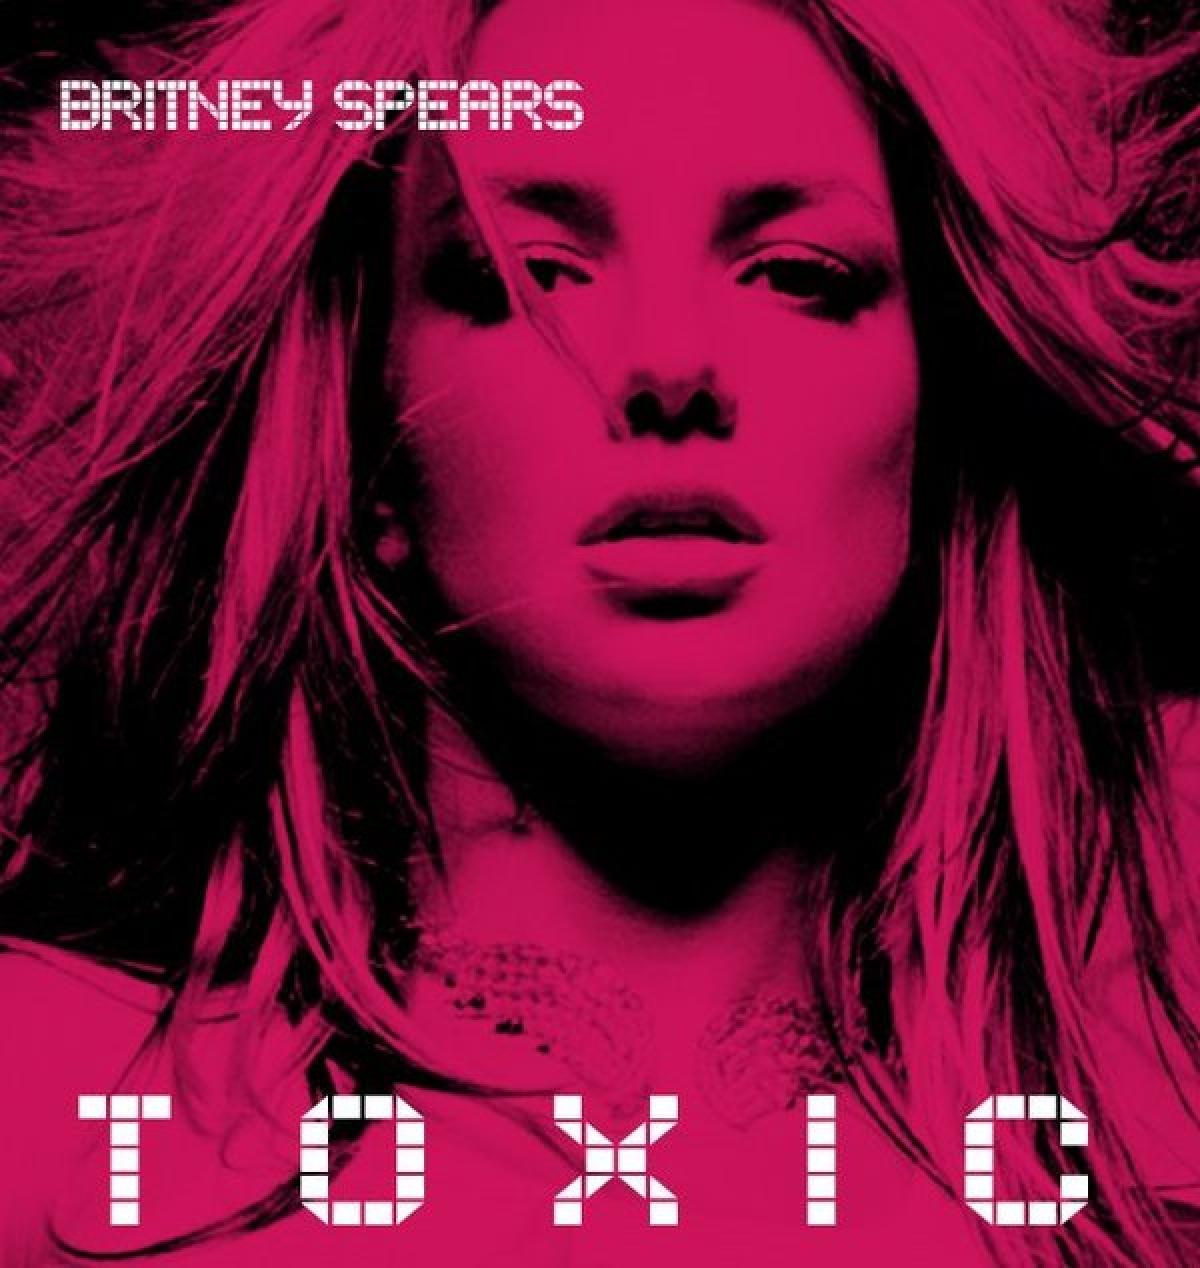 """Một bản dance-pop với sự ảnh hưởng của nhạc electropop gắn liền với tên tuổi của Britney Spears chính là """"Toxic"""" nằm trong album thứ tư mang tên """"In the Zone"""". Ra mắt vào năm 2003, ca khúc nhanh chóng trở thành một sản phẩm âm nhạc bán chạy nhất thế giới."""